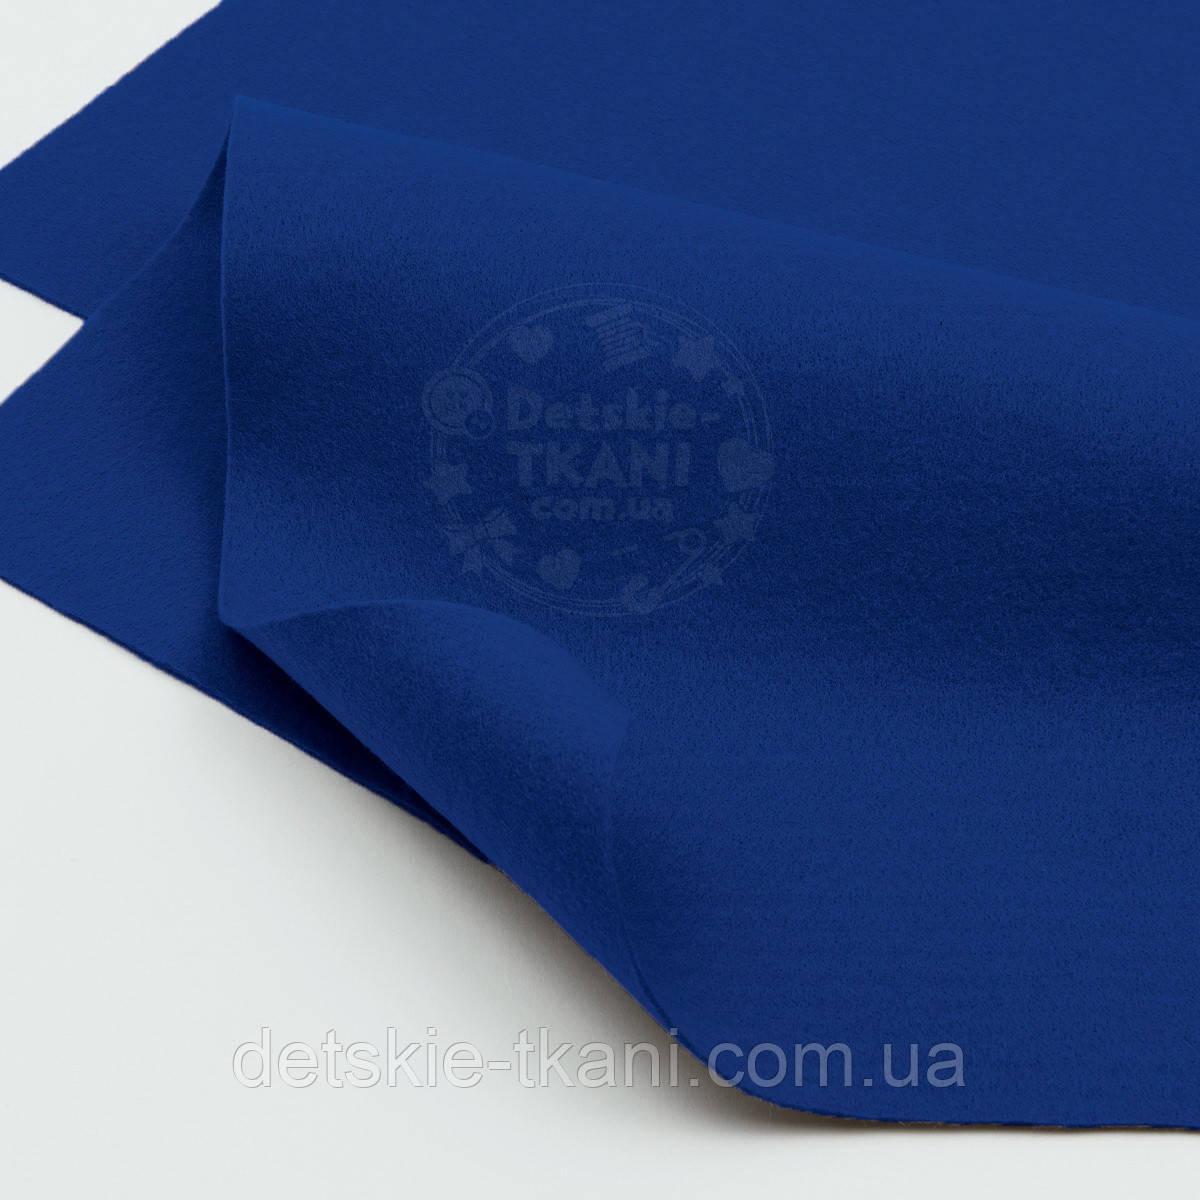 Мягкий листовой фетр тёмно-синего цвета 20*30 см (ФМ-30)